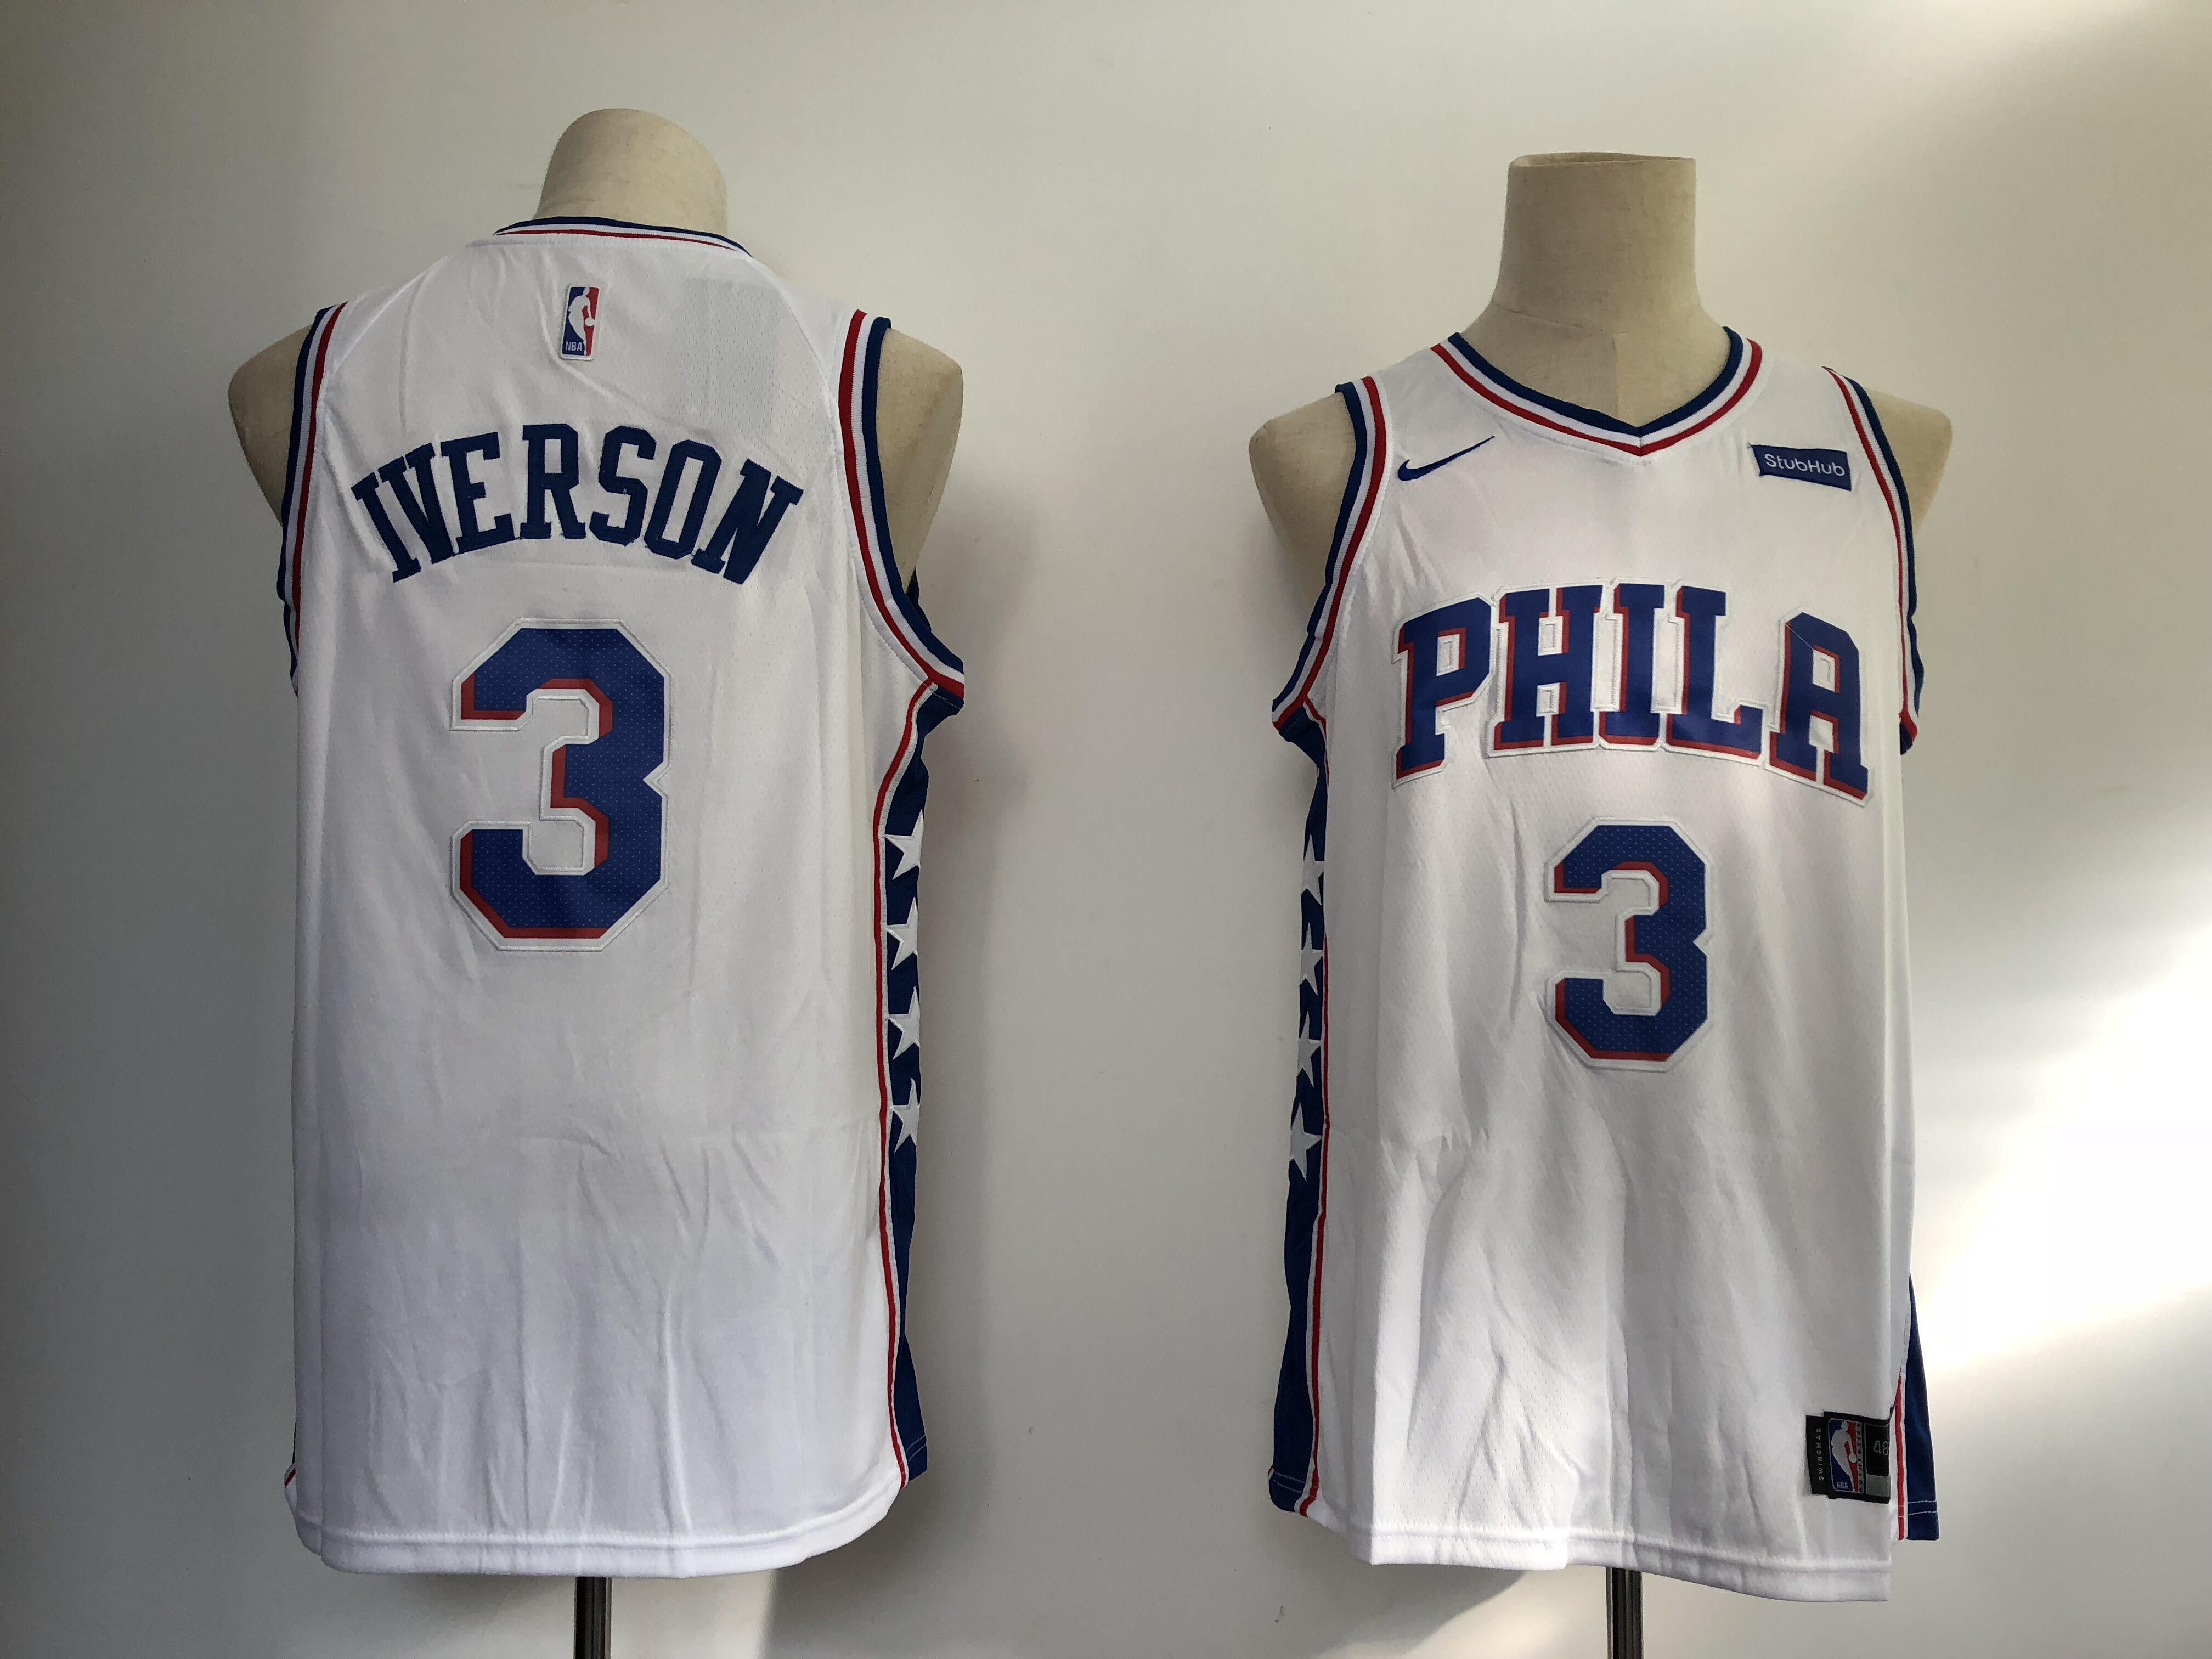 76ers 3 Allen Iverson White Nike Swingman Jersey